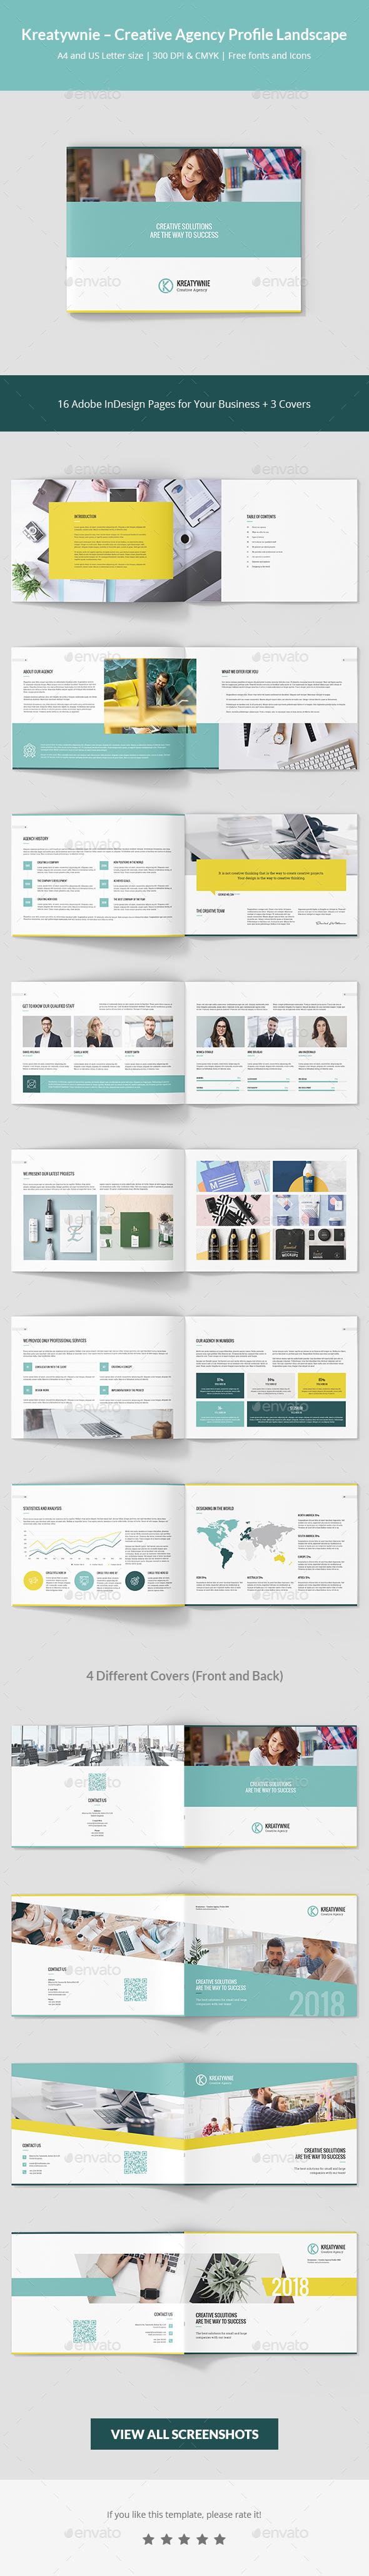 Kreatywnie  Creative Agency Profile Landscape